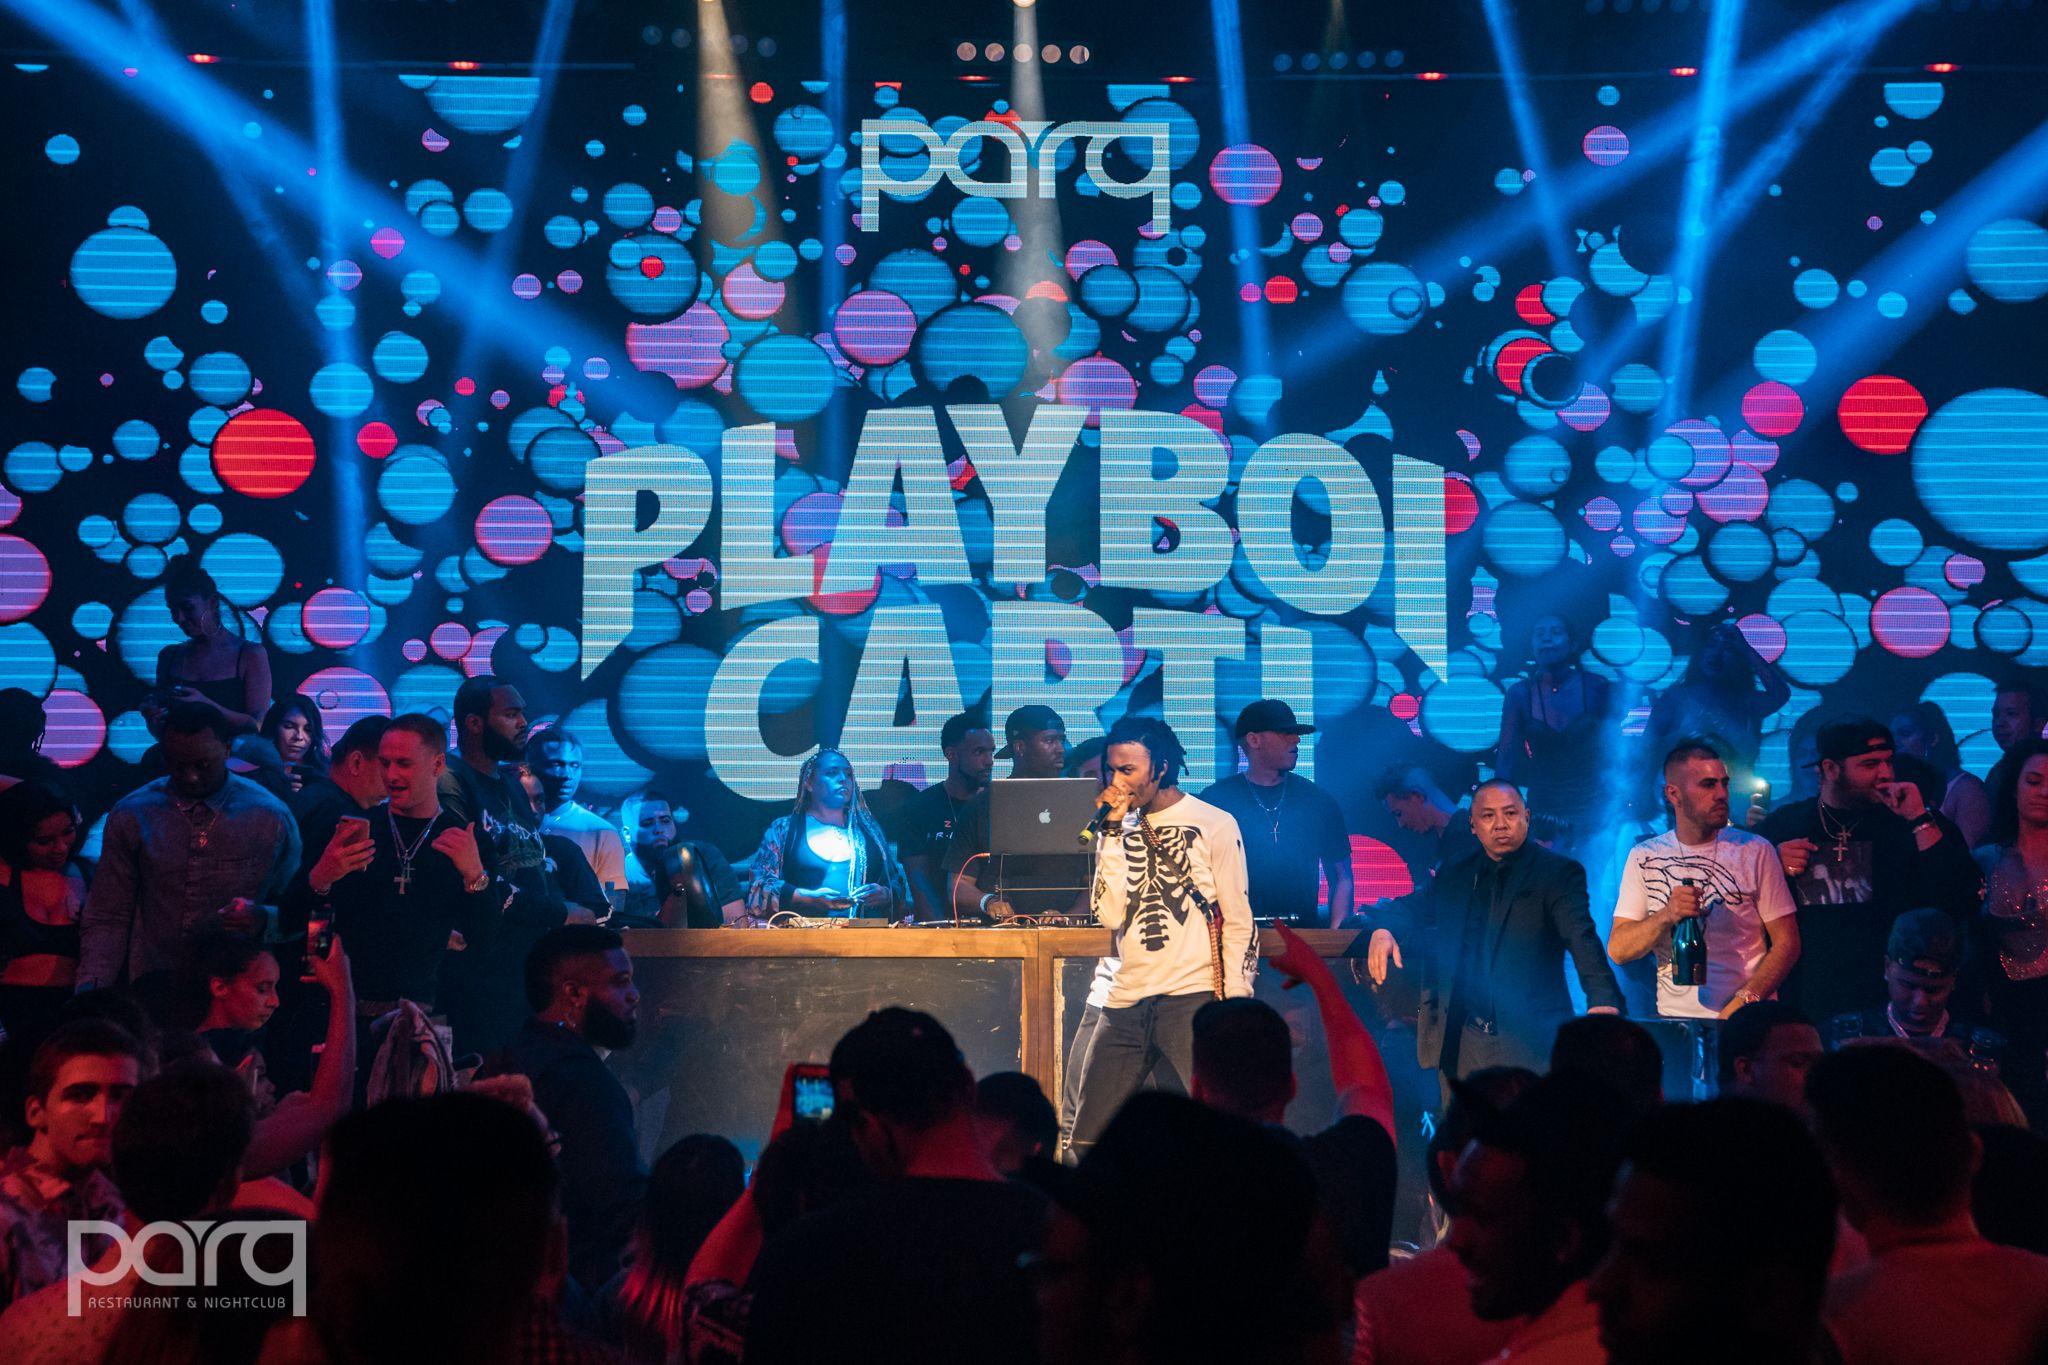 07.28.18 Parq - Playboi Carti-1.jpg